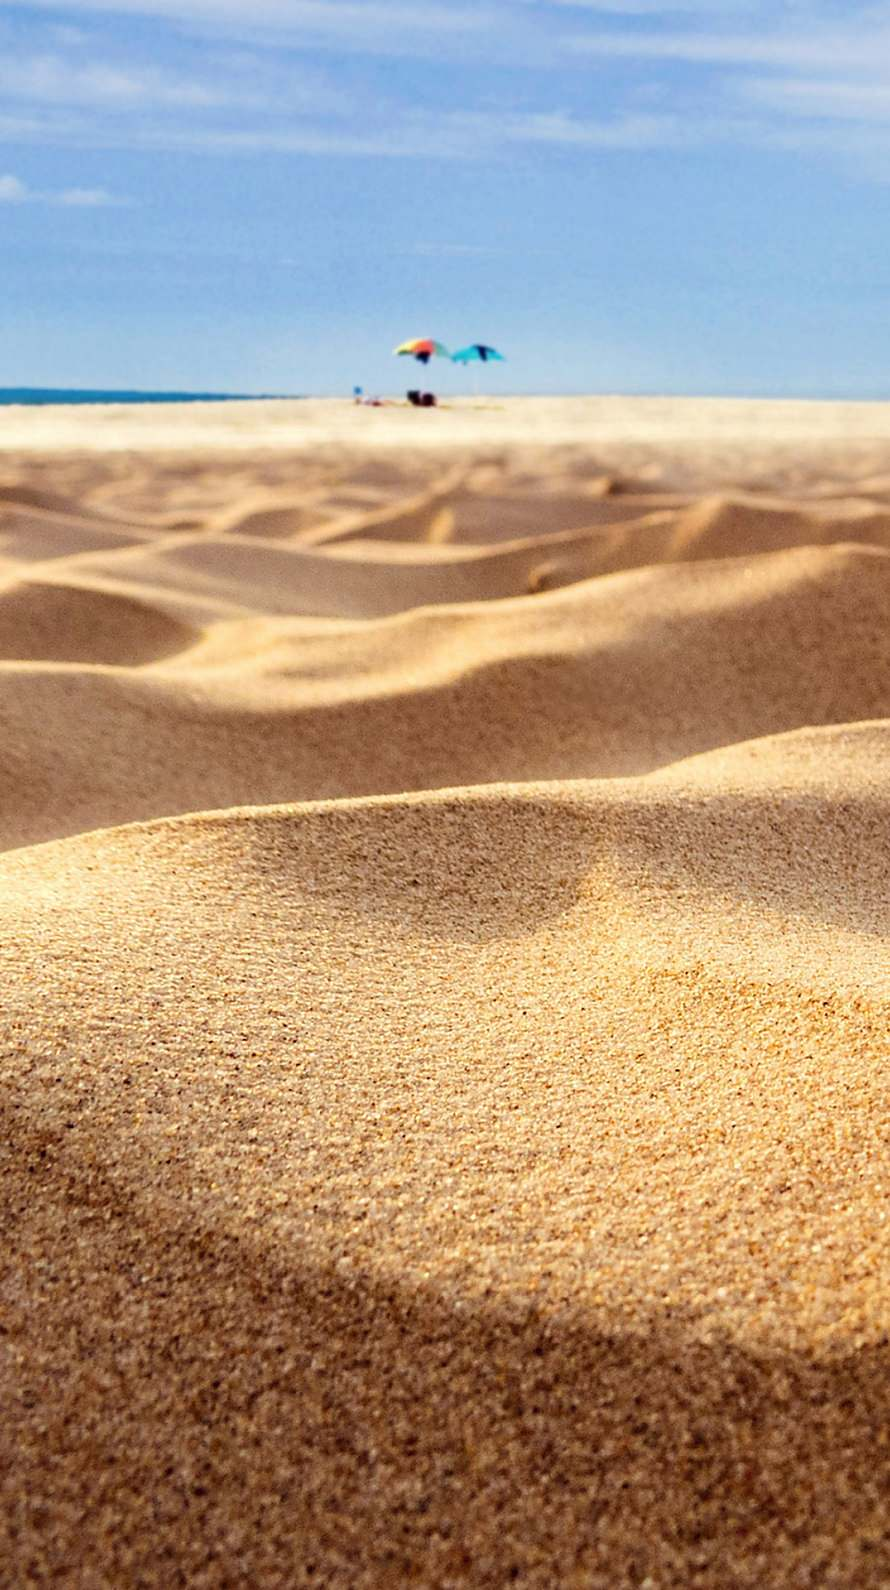 海 パラソル 砂漠 iPhone6壁紙